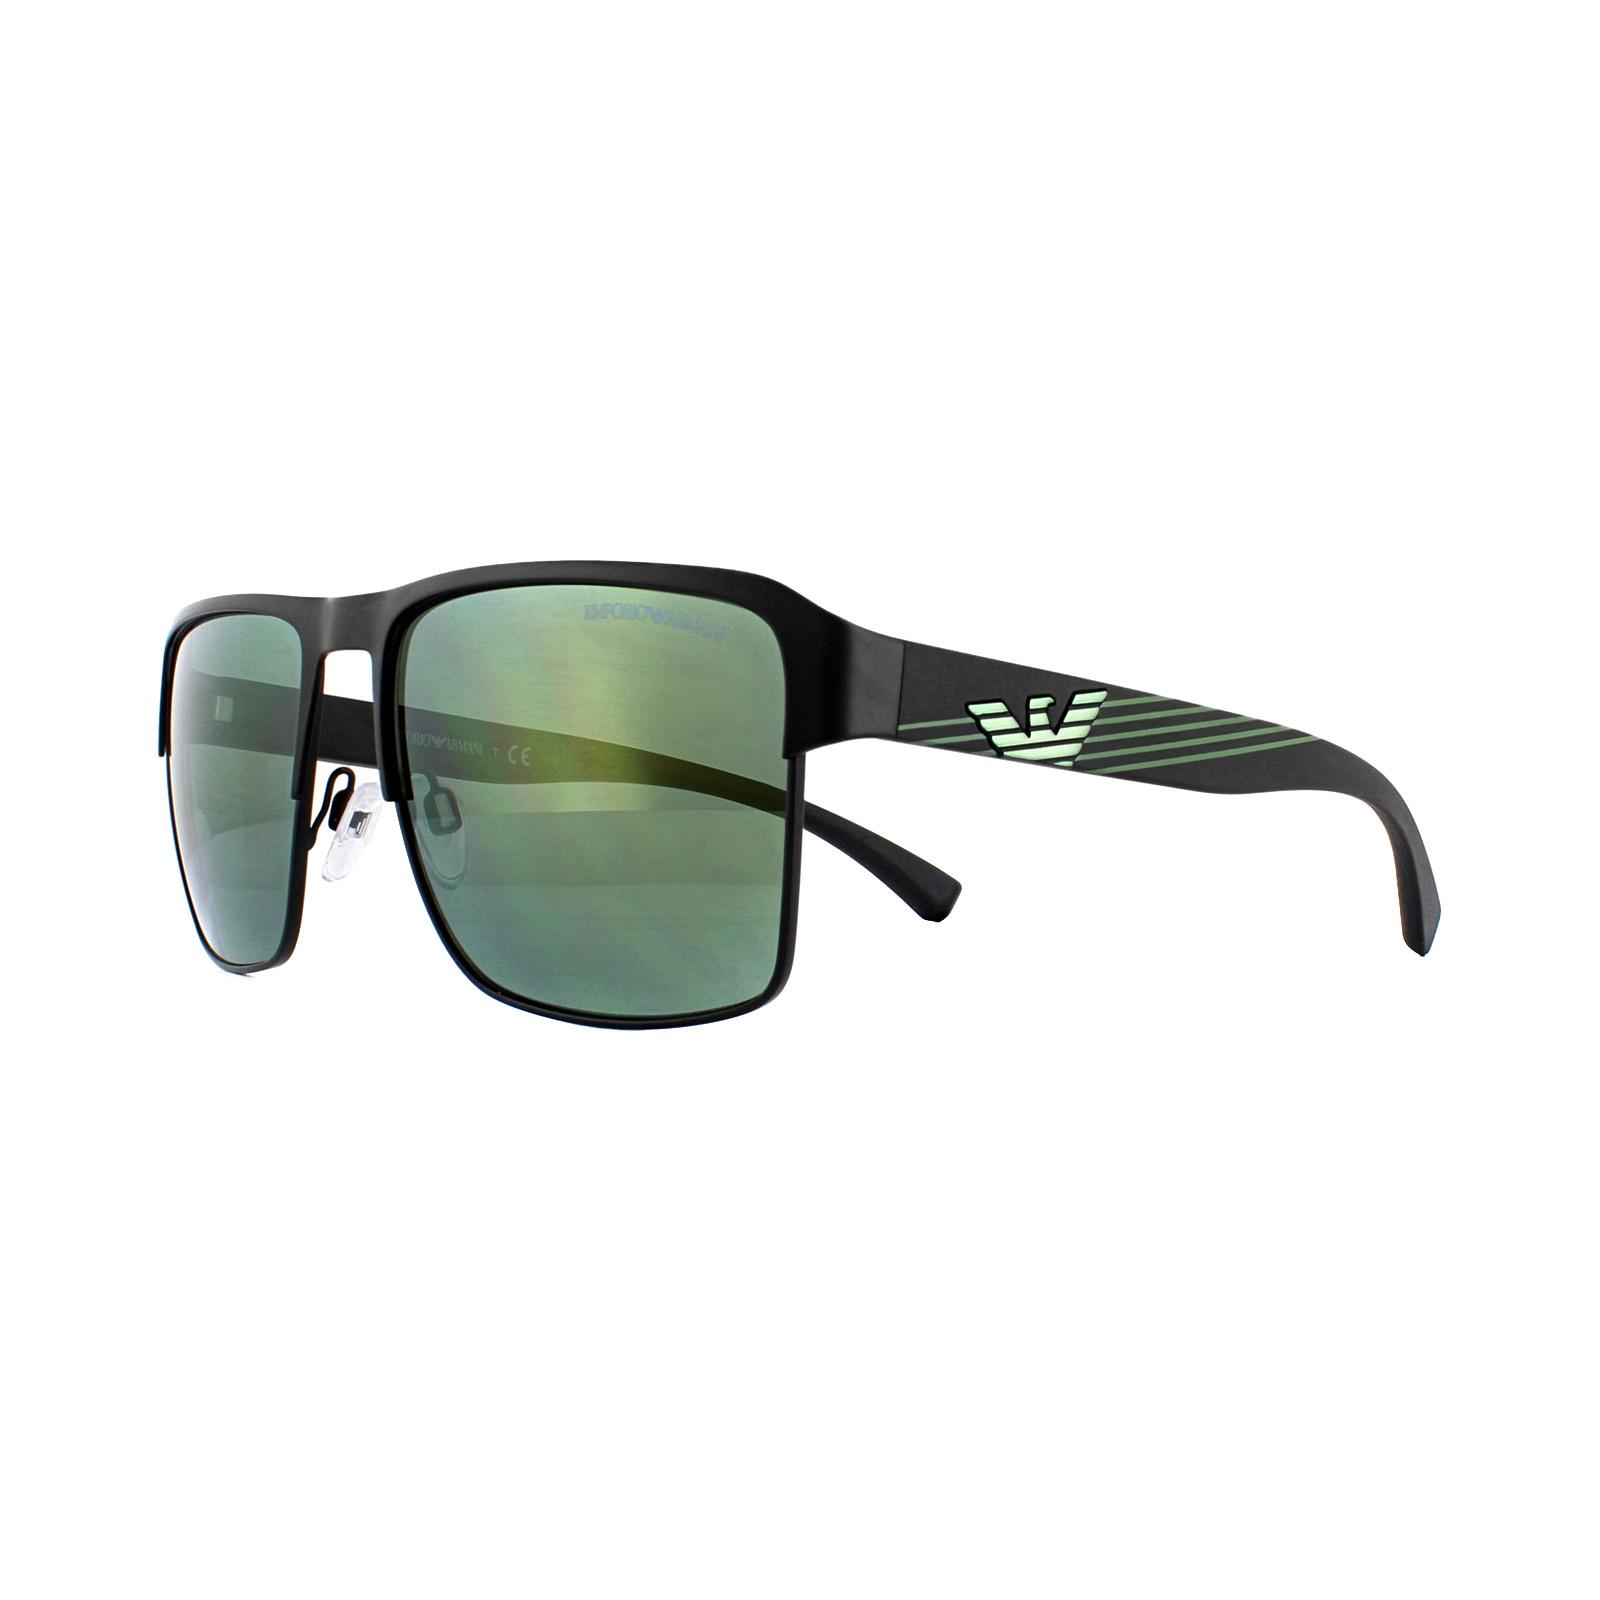 6a3a333db Sentinel Emporio Armani Sunglasses EA2066 30016R Matte Black Light Green  Mirror Petrol